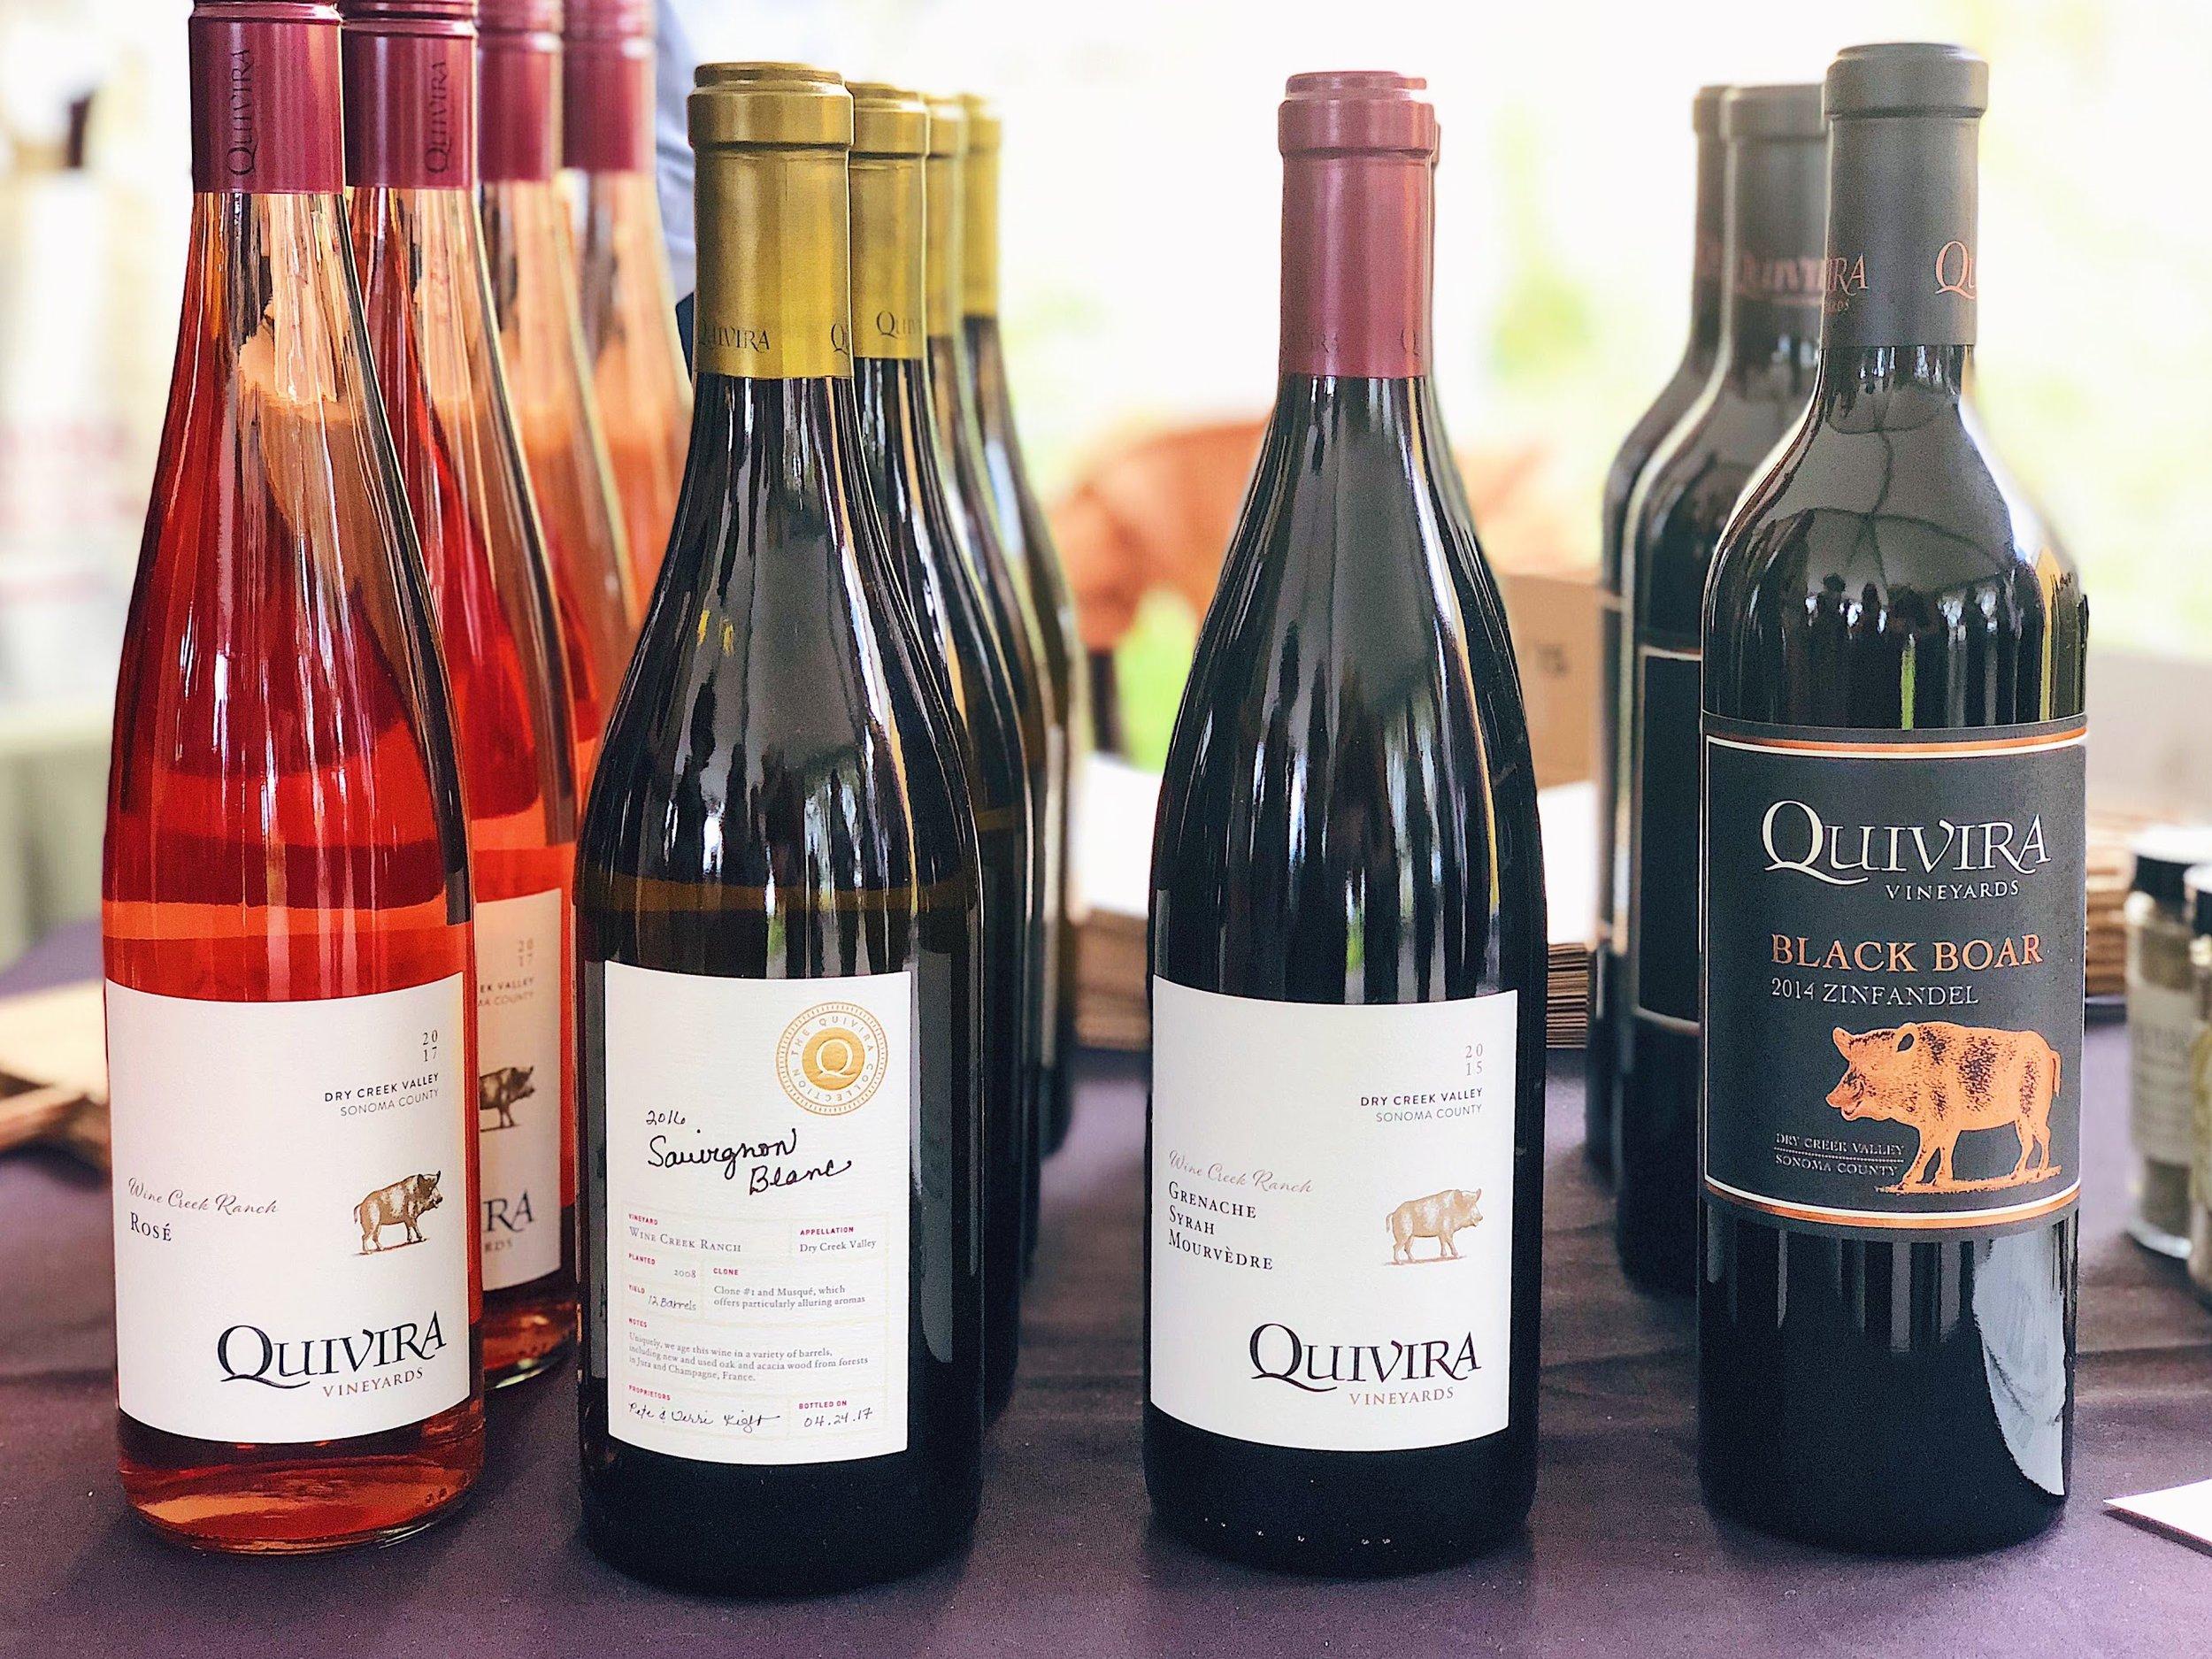 Bottles Of Quivira